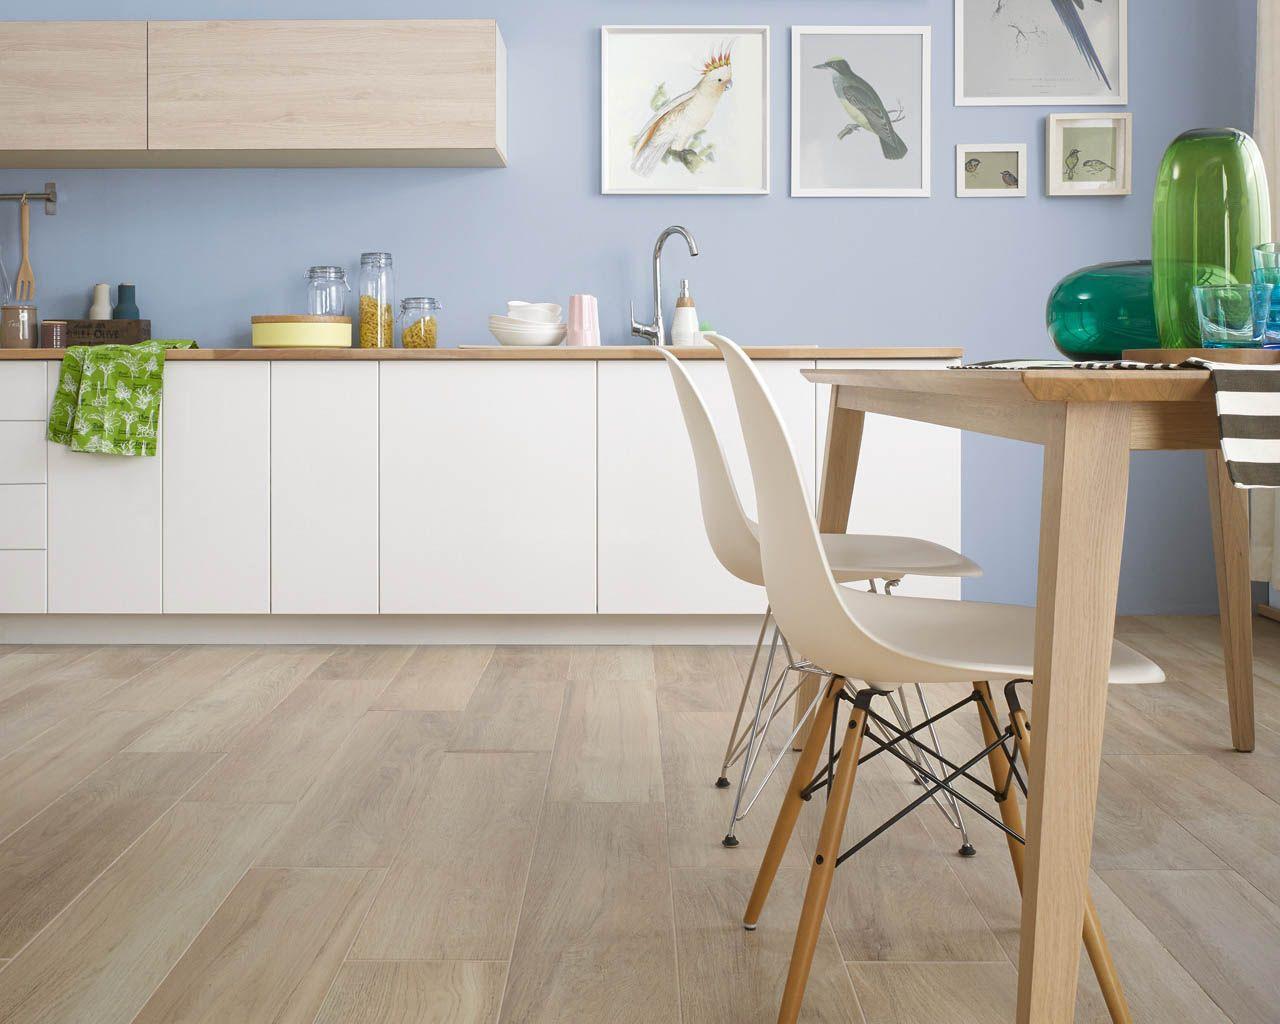 aranzacja-kuchni-w-stylu-skandynawskim-maloe-ceramika-paradyz